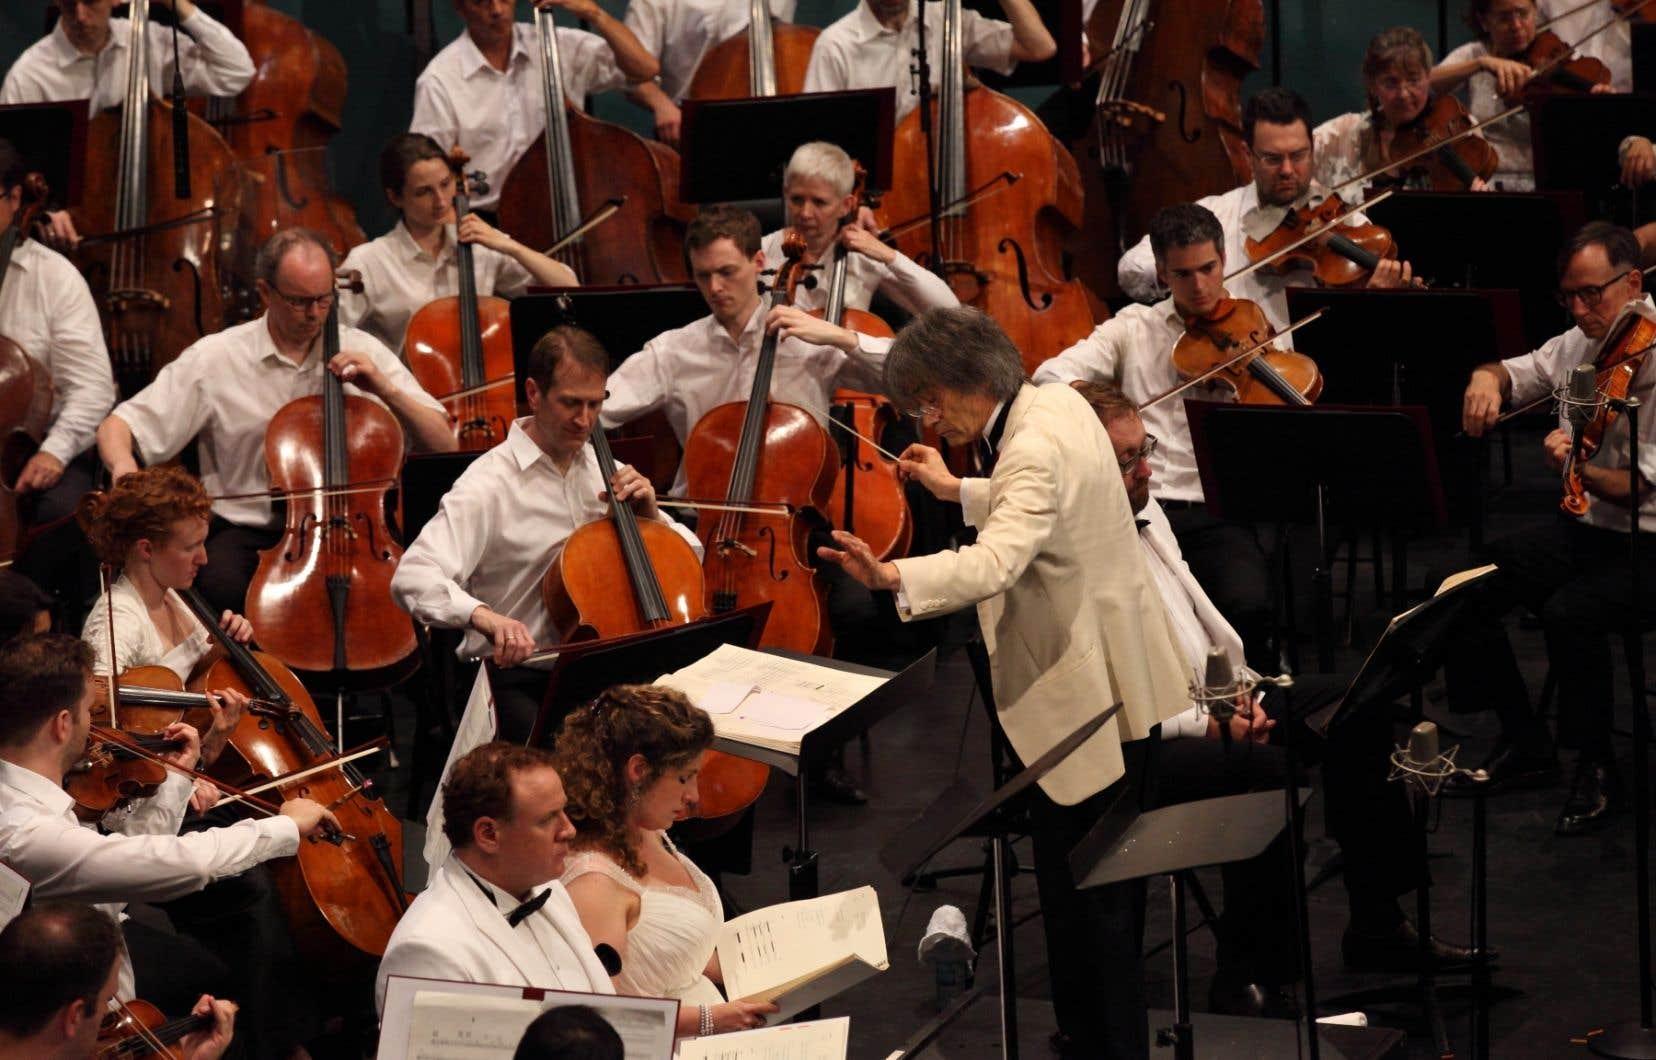 Dès le premier concert dirigé par Kent Nagano, à 12h15, la Maison symphonique remplissait très bien et les couloirs de la Place des Arts se garnissaient à vue d'oeil.